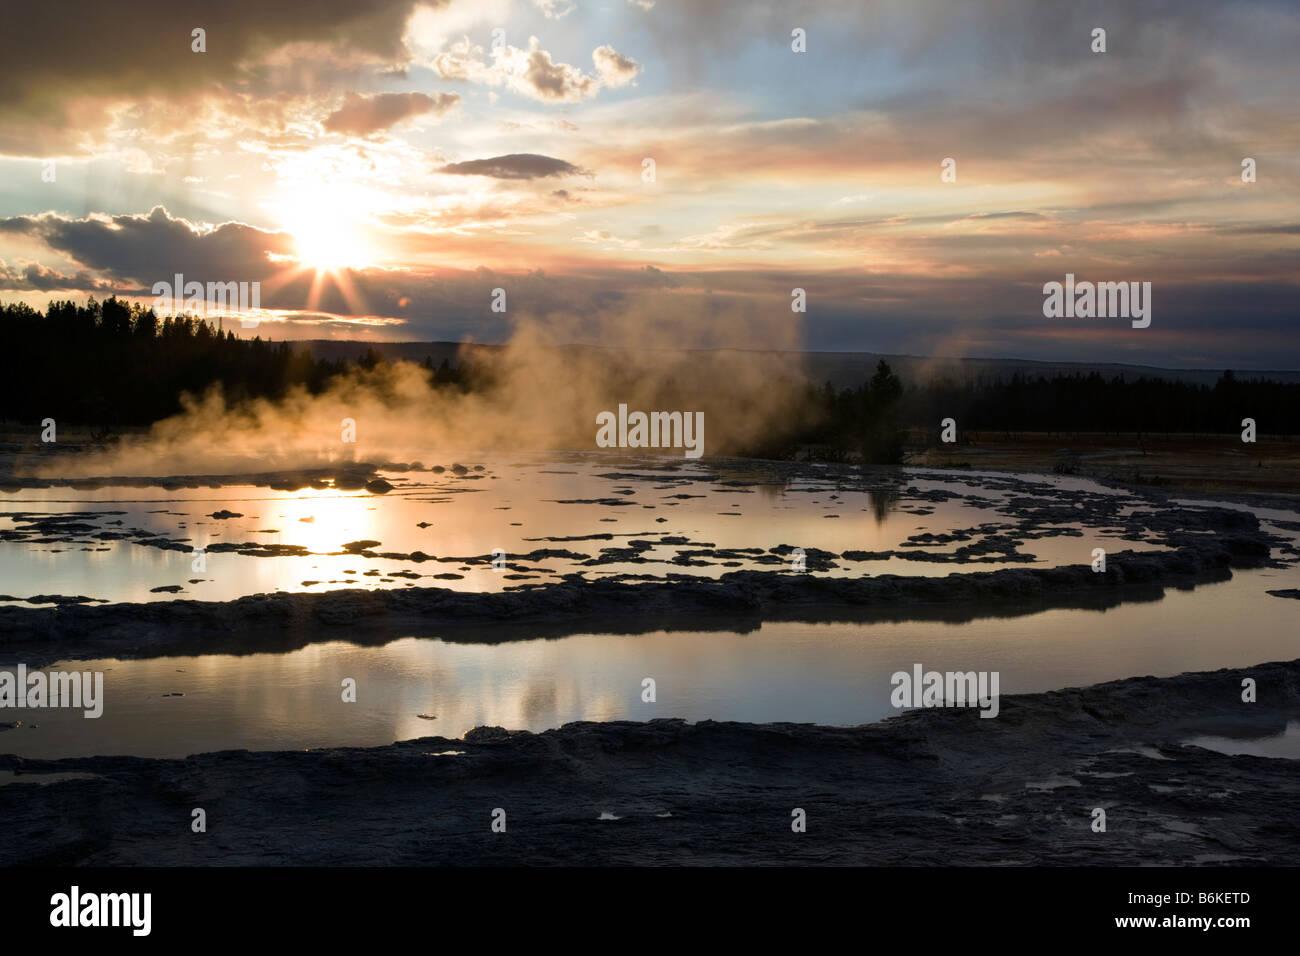 Espectacular atardecer, Gran Fuente géiser, Midway Geyser Basin, el Parque Nacional Yellowstone, Wyoming, EE.UU. Foto de stock